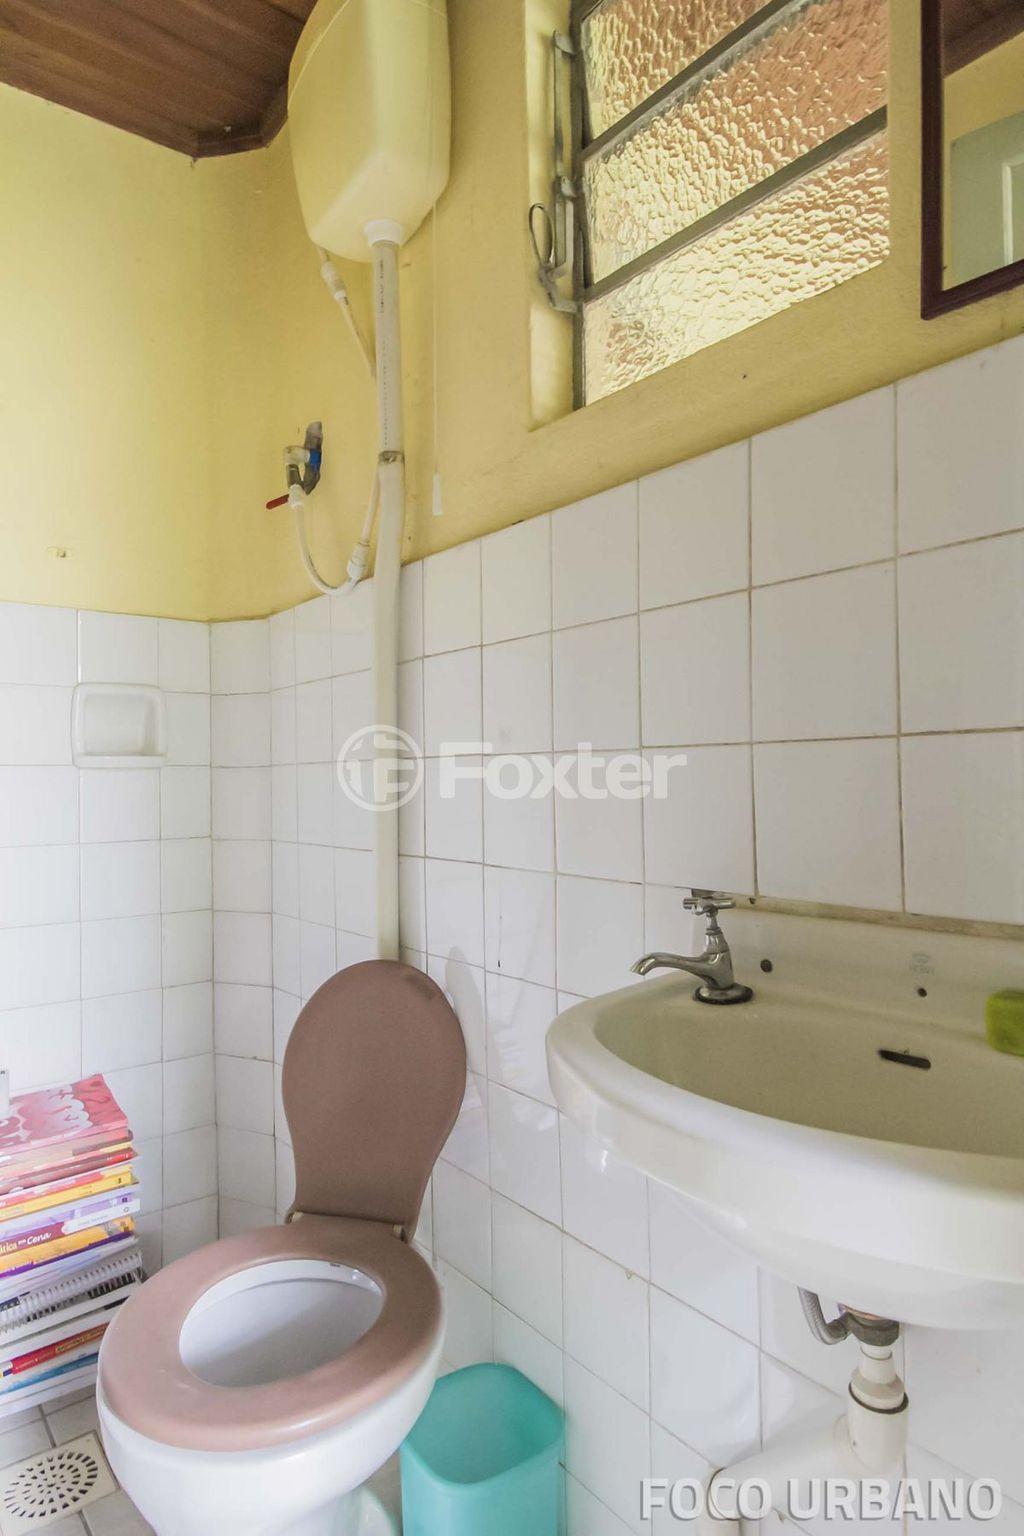 Foxter Imobiliária - Casa 3 Dorm, Glória (137181) - Foto 4